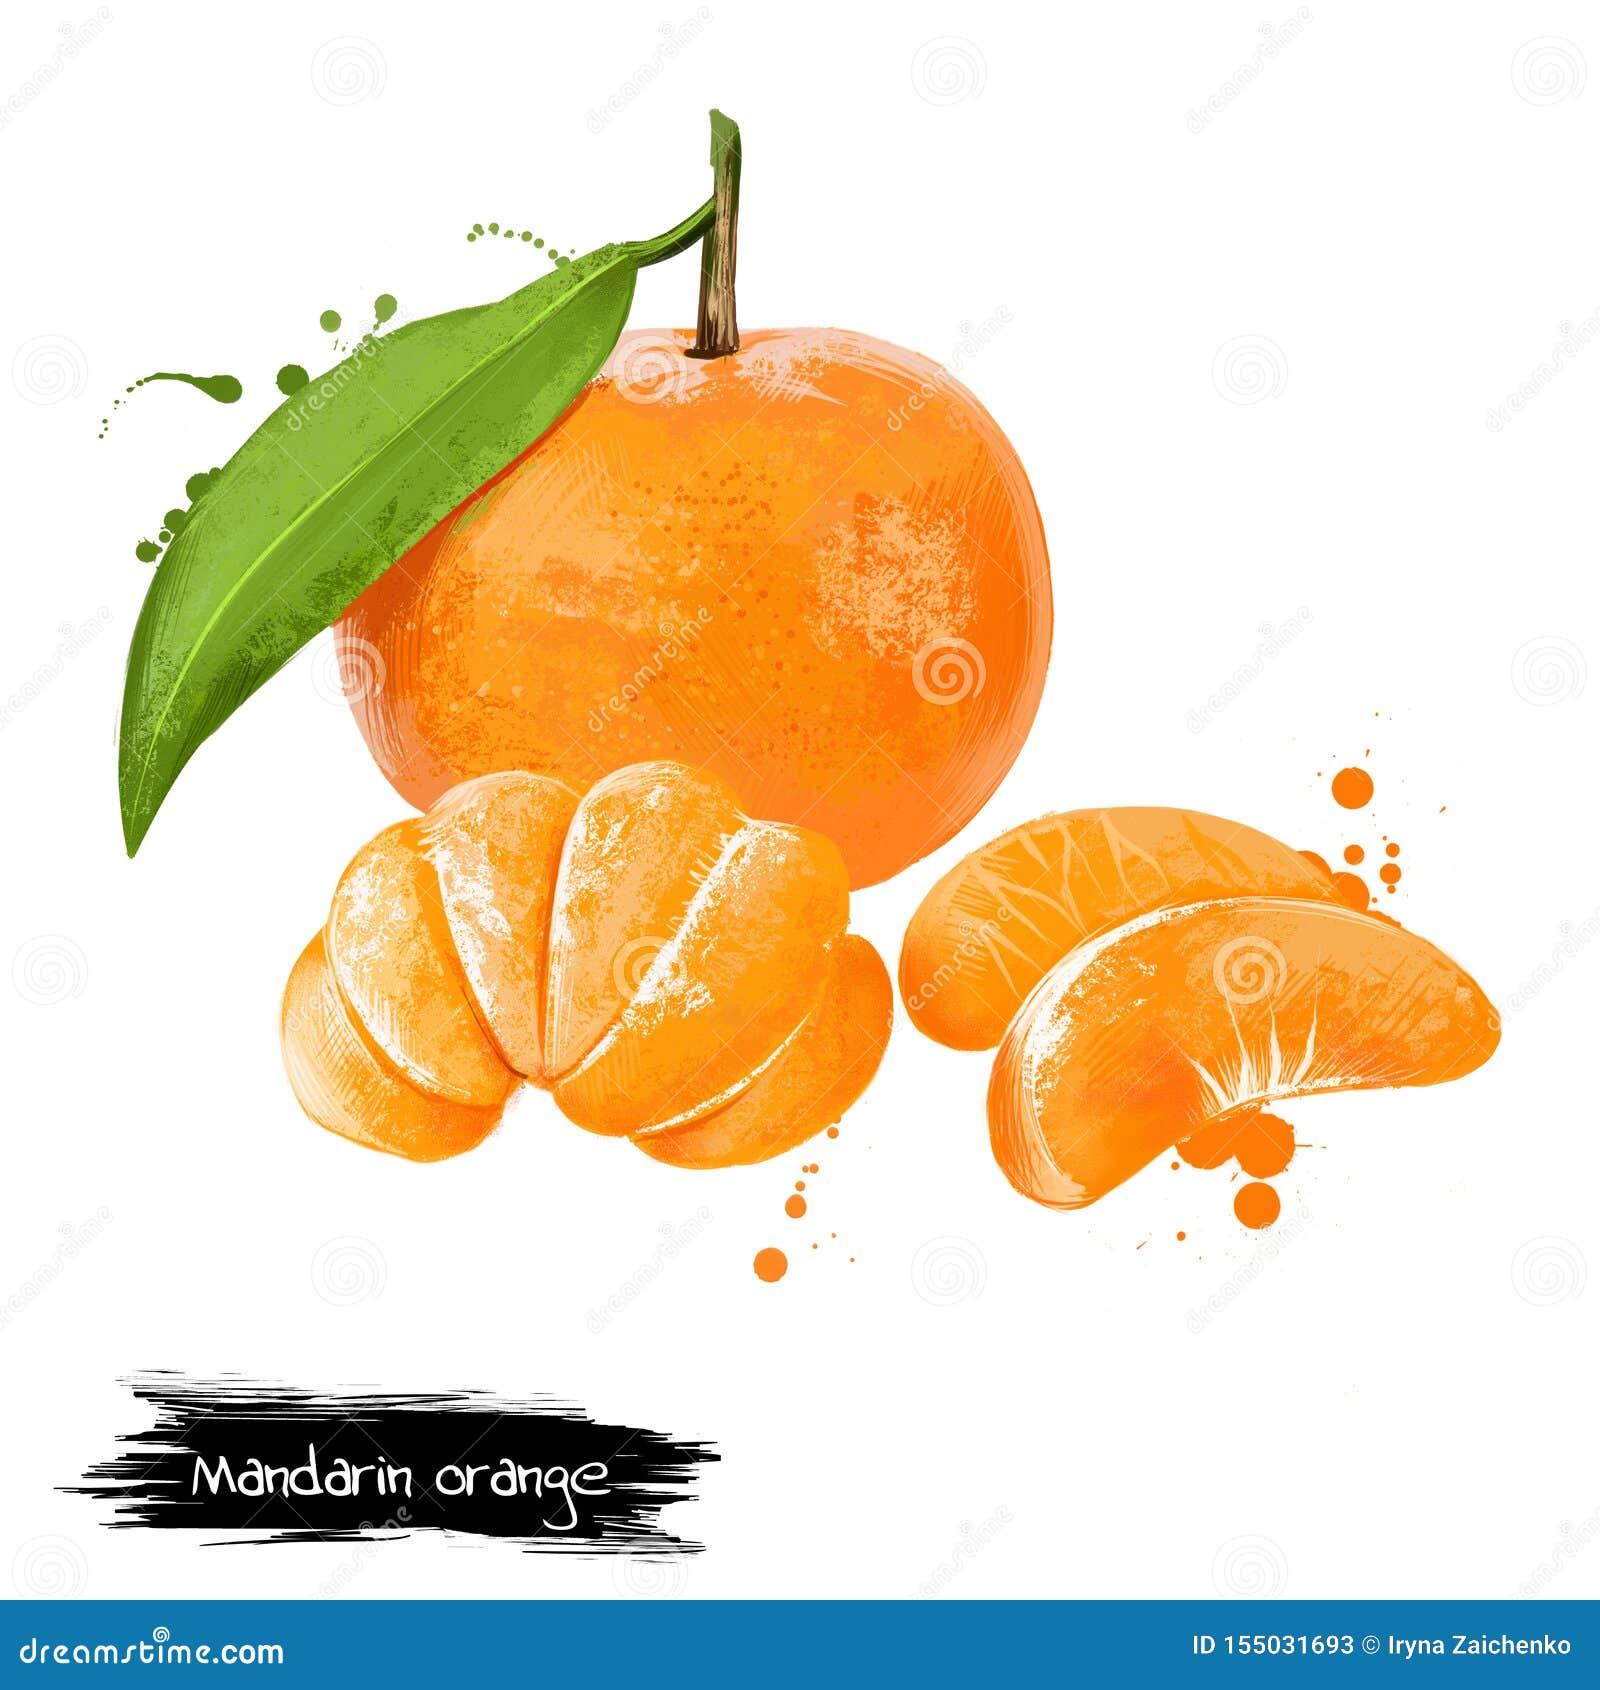 Κινεζική γλώσσα, tangerine εσπεριδοειδές που απομονώνεται στο άσπρο υπόβαθρο